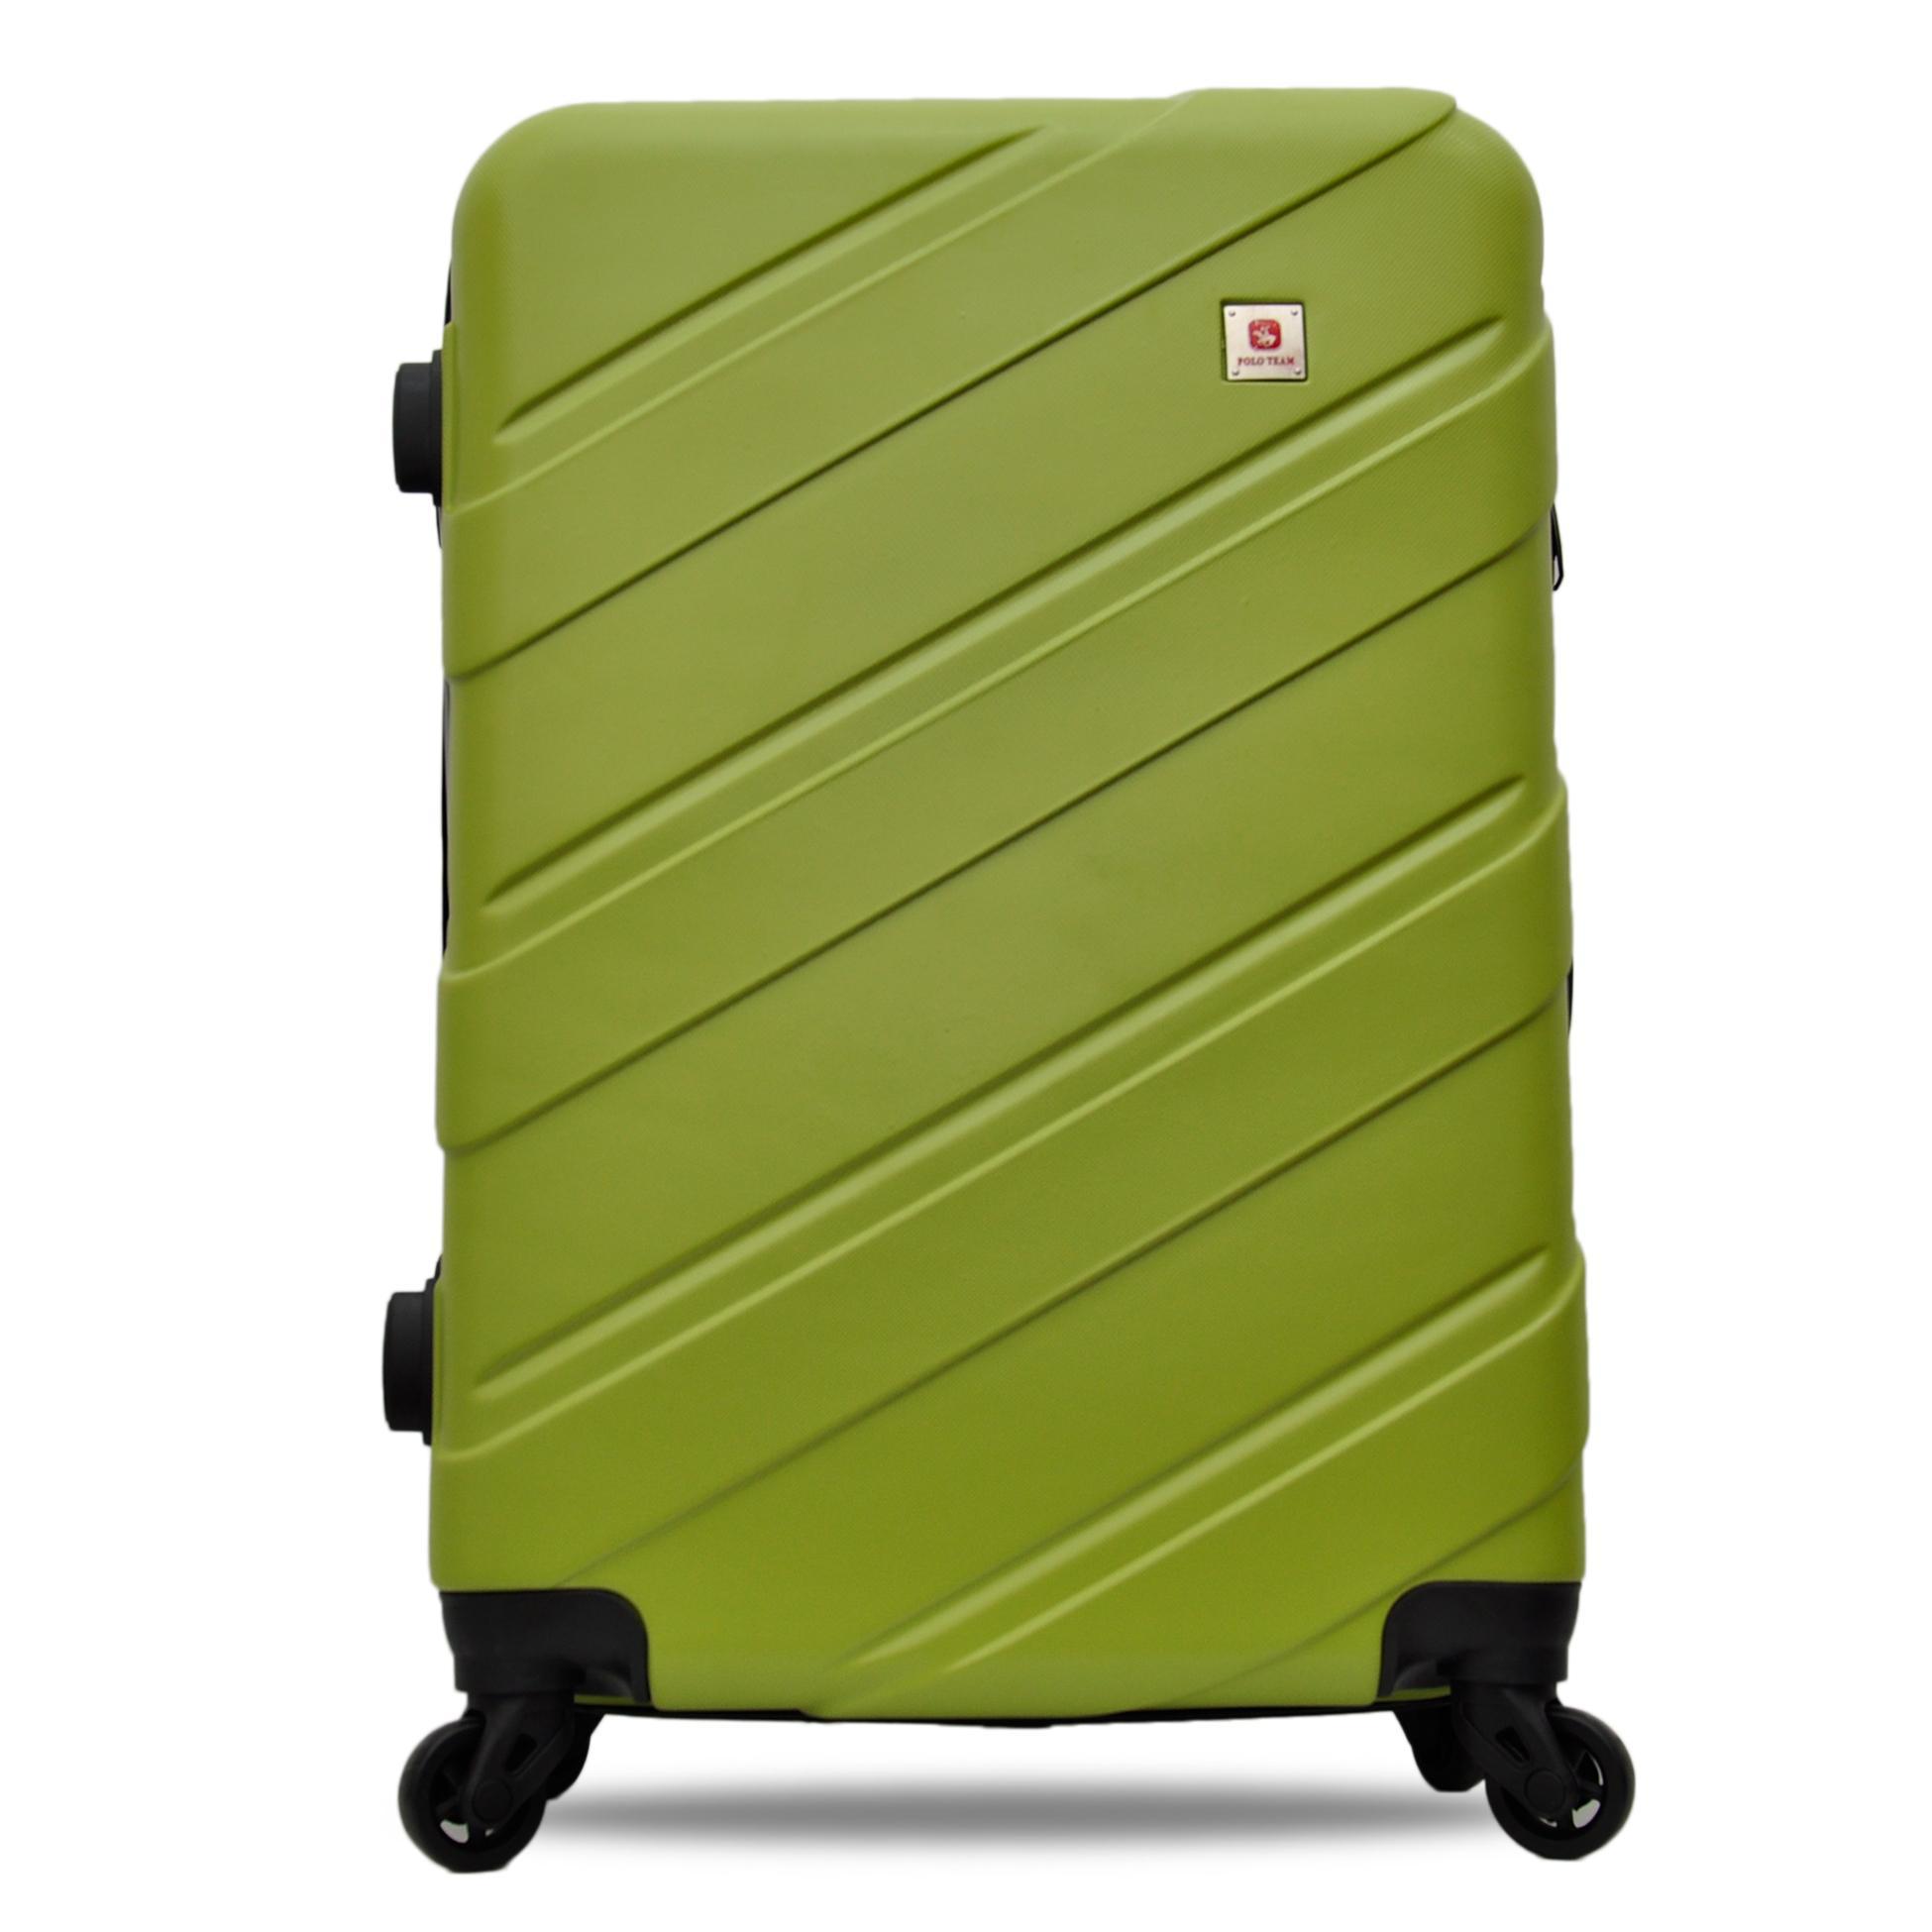 Polo Team Tas Koper Hardcase Size 24 inch - 040